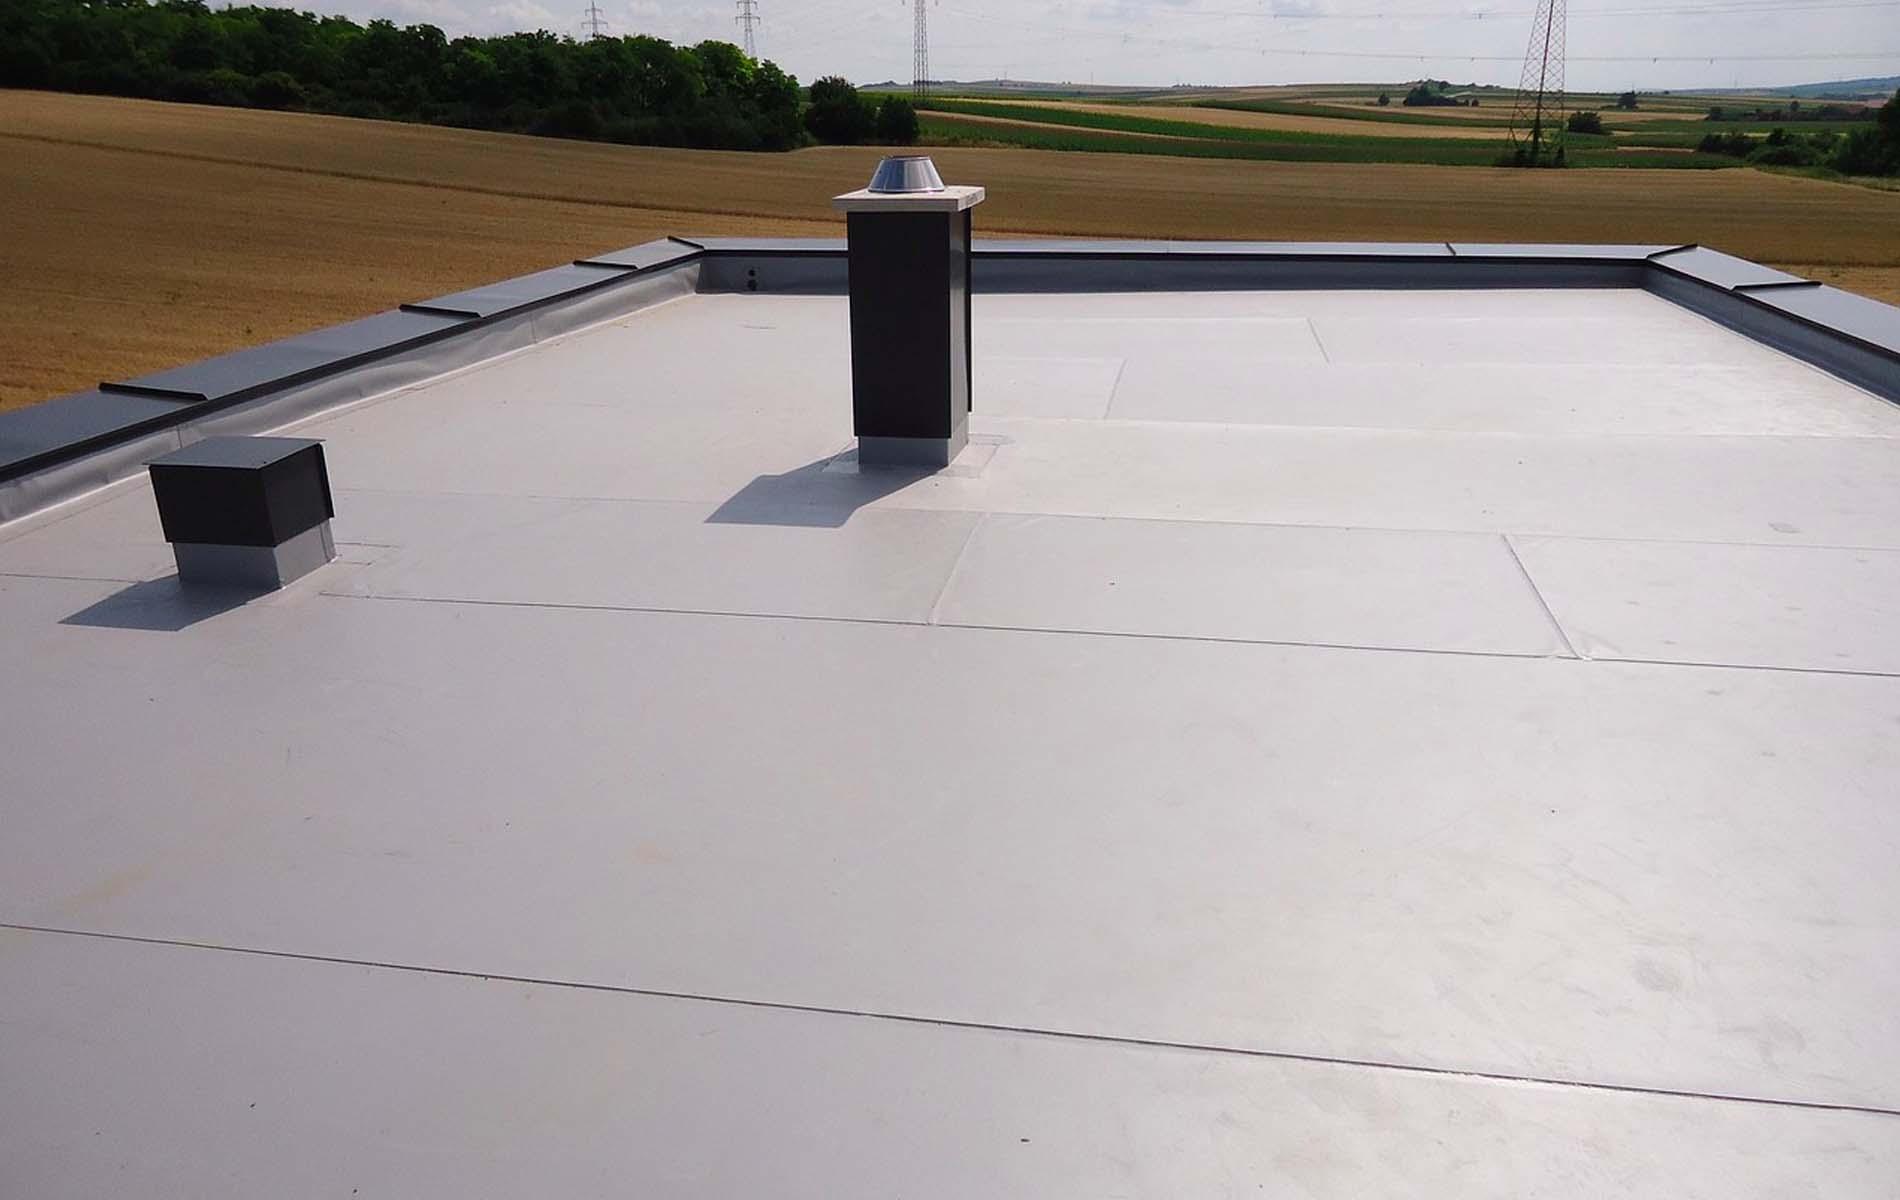 flachdach undicht abdichten flachdach undicht abdichten dach abdichten mit bitumen von. Black Bedroom Furniture Sets. Home Design Ideas